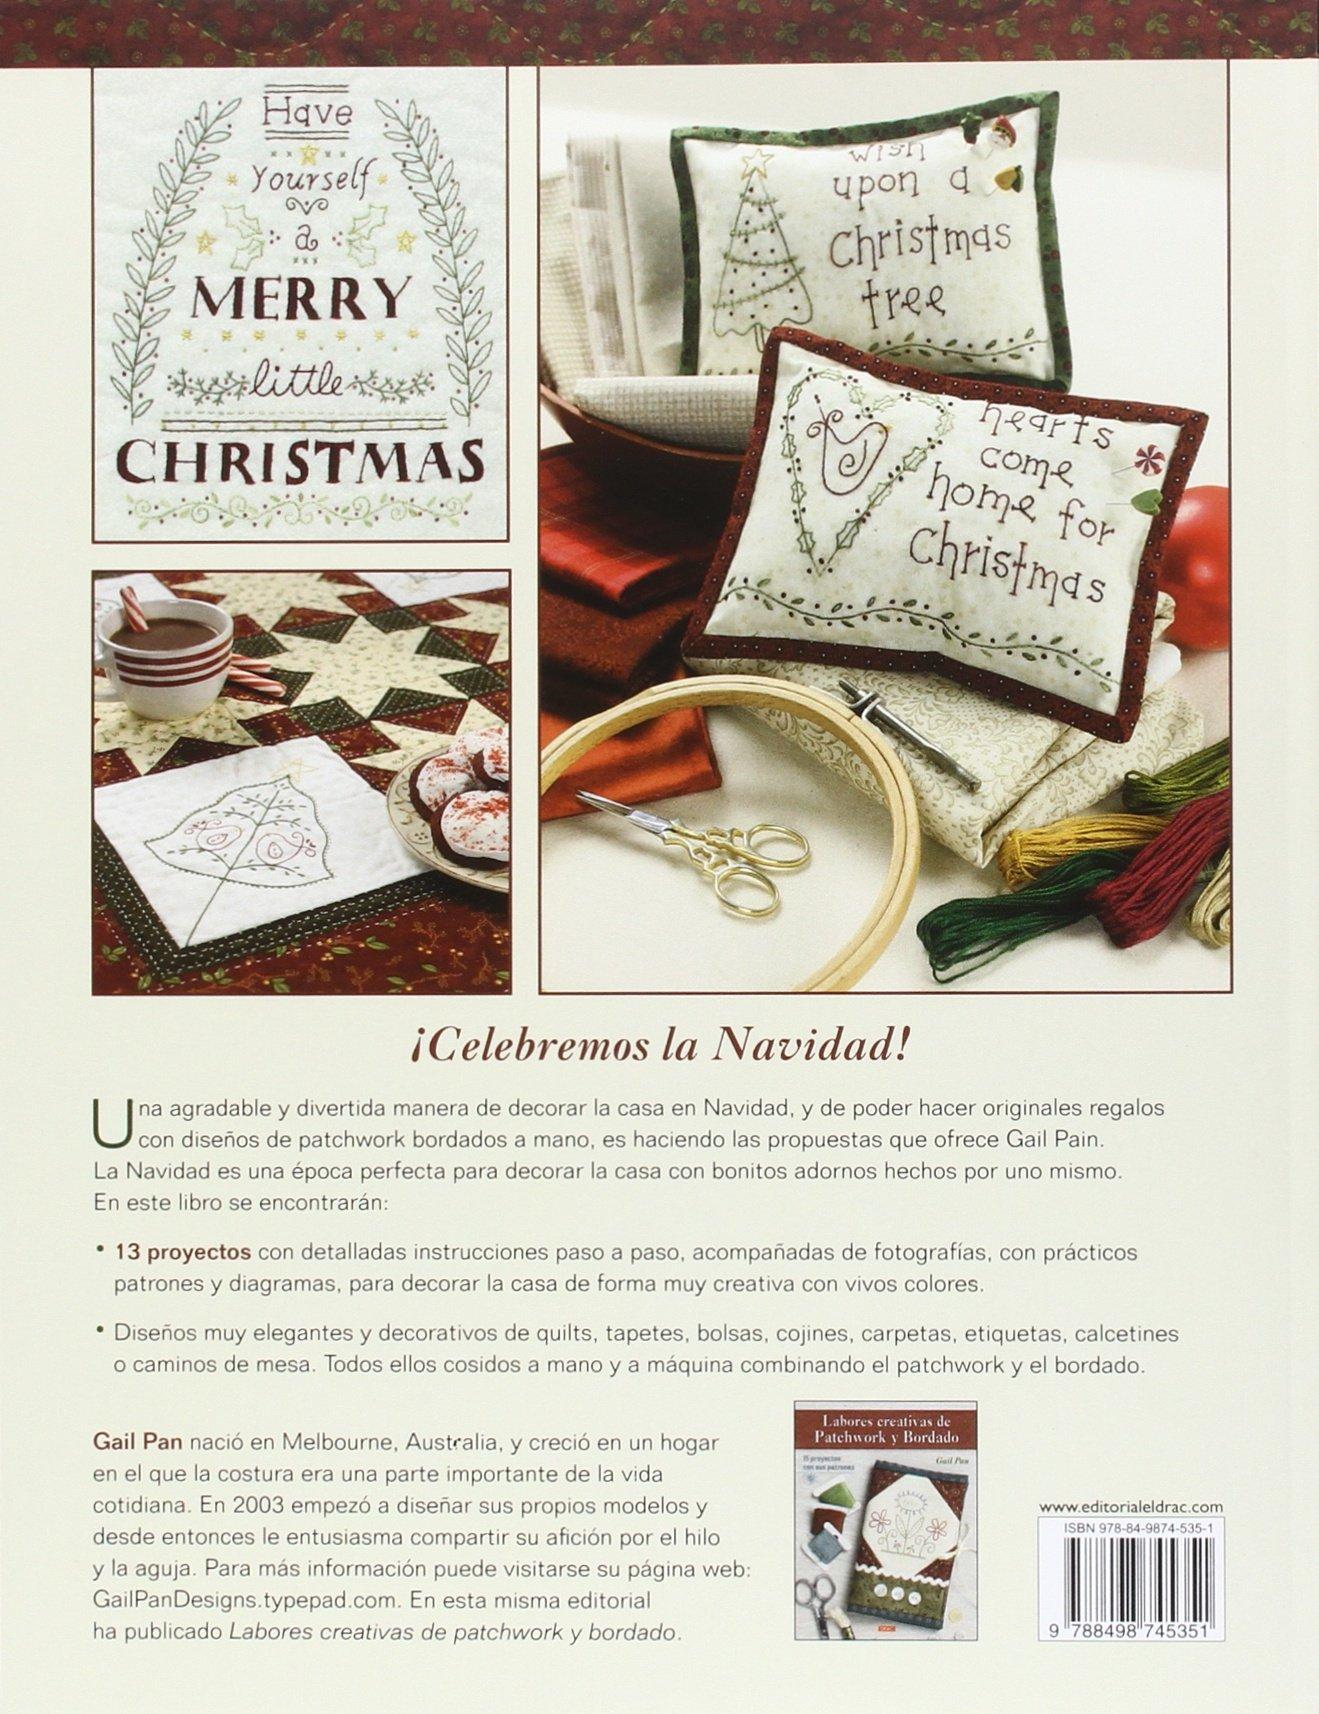 Patchwork Y Bodado Para Navidad: Amazon.es: Gail Pan: Libros